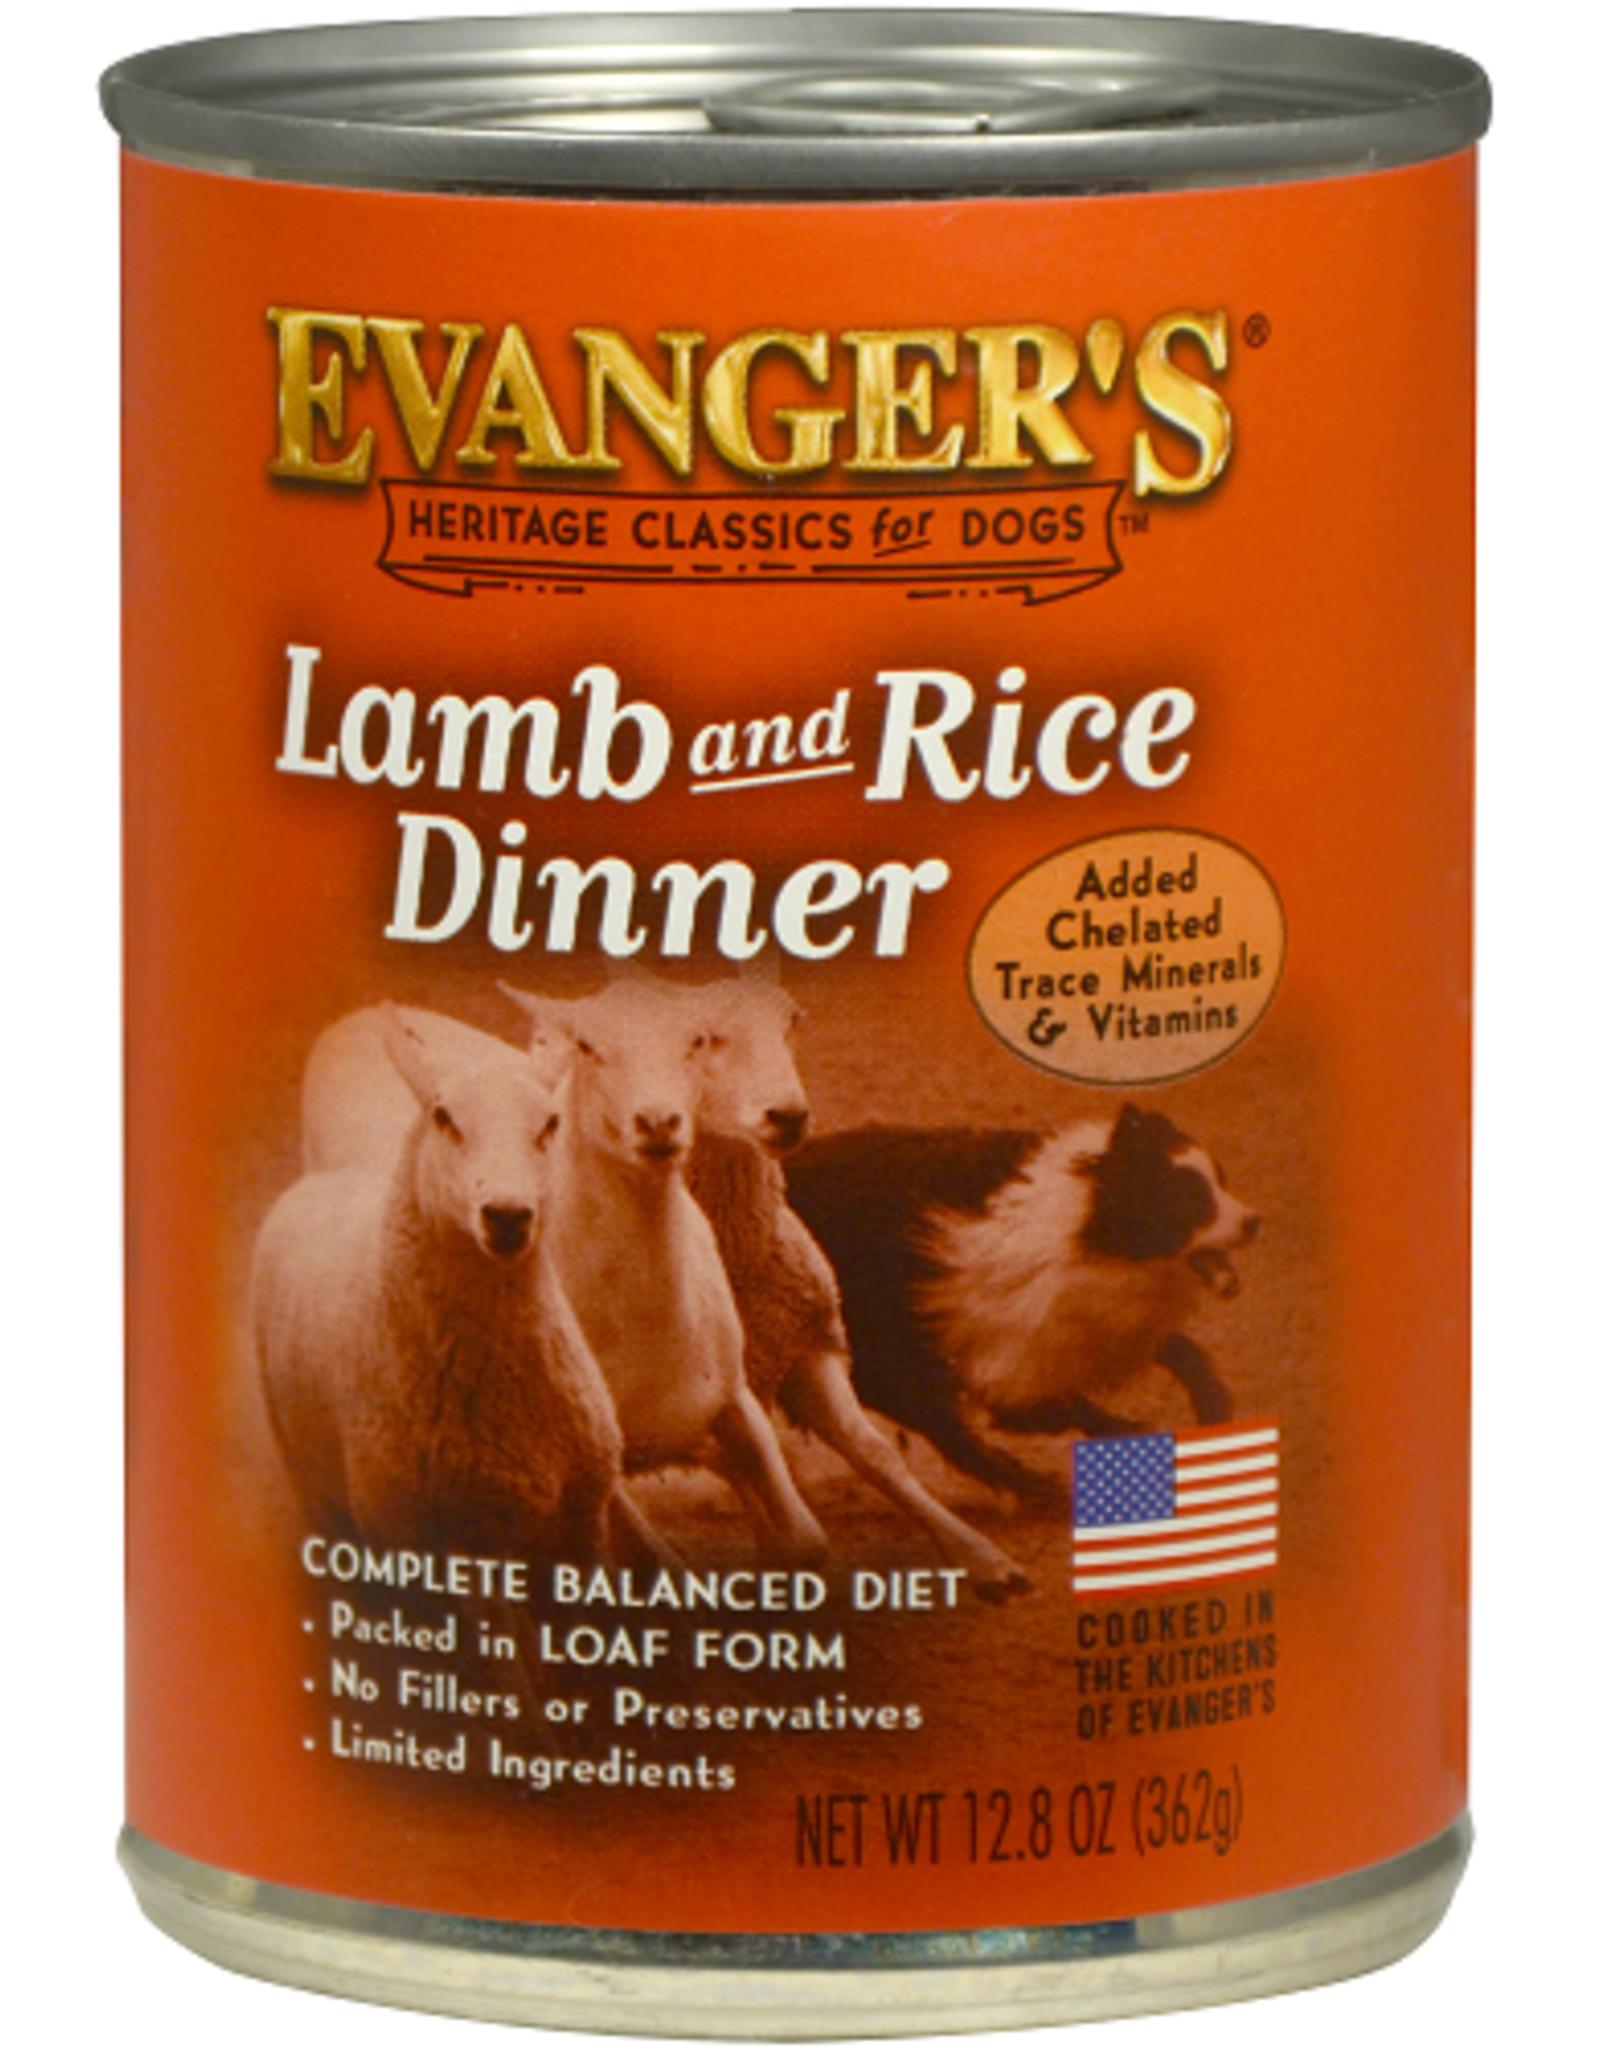 EVANGER'S EVANGERS CLASSIC LAMB & RICE 13OZ CASE OF 12